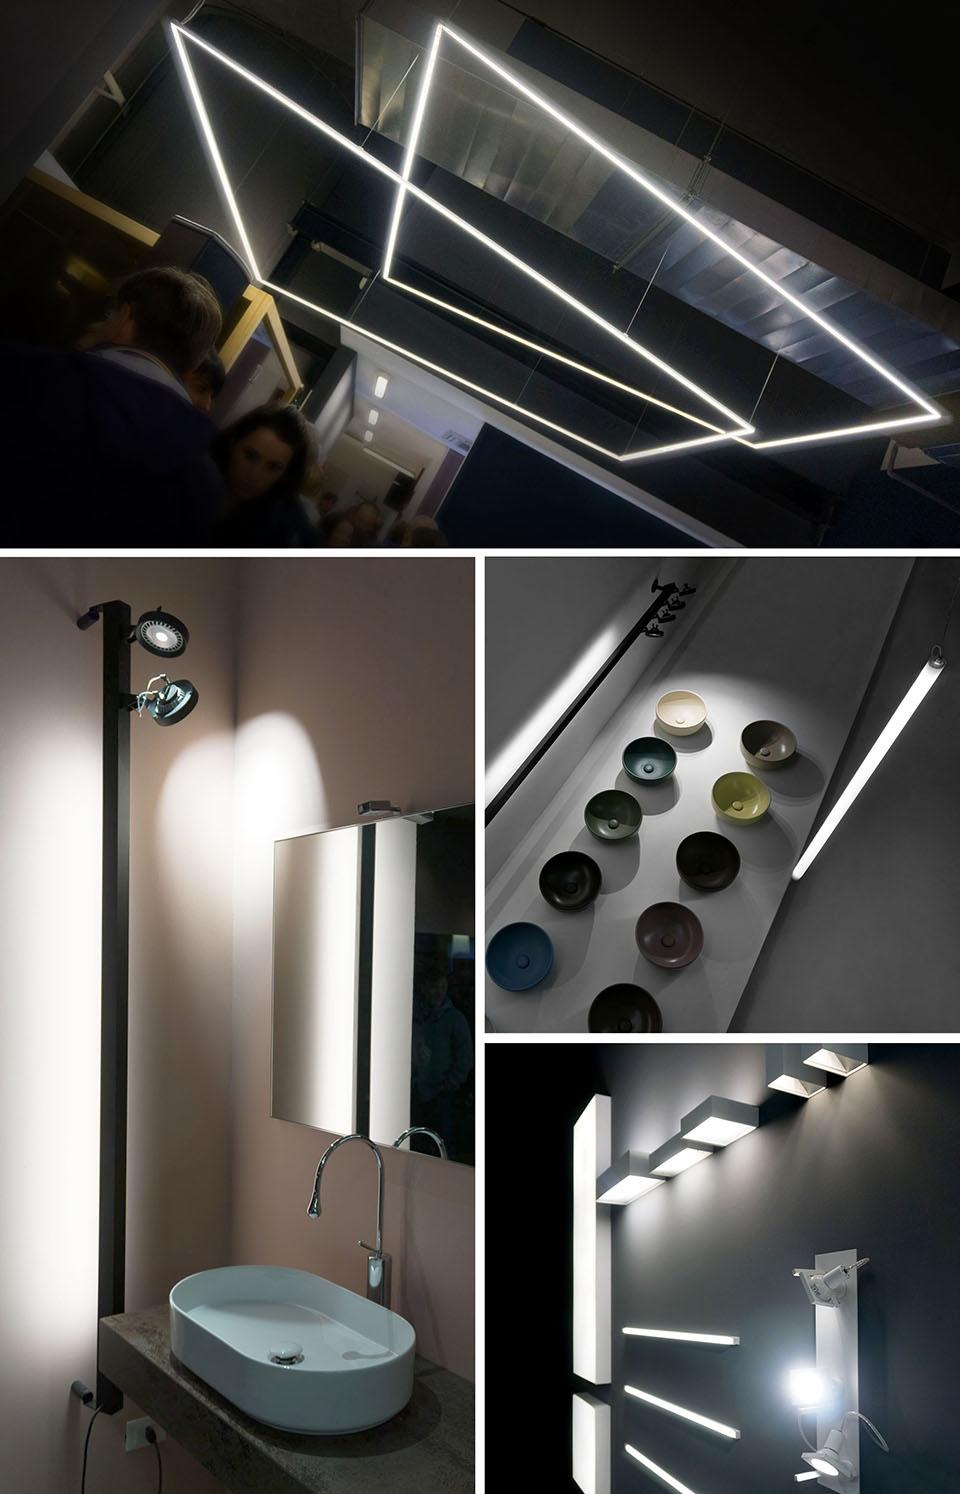 Carboni Correggio Arredo Bagno.Primalight Architectural Lighting Newsfeed Carboni Casa